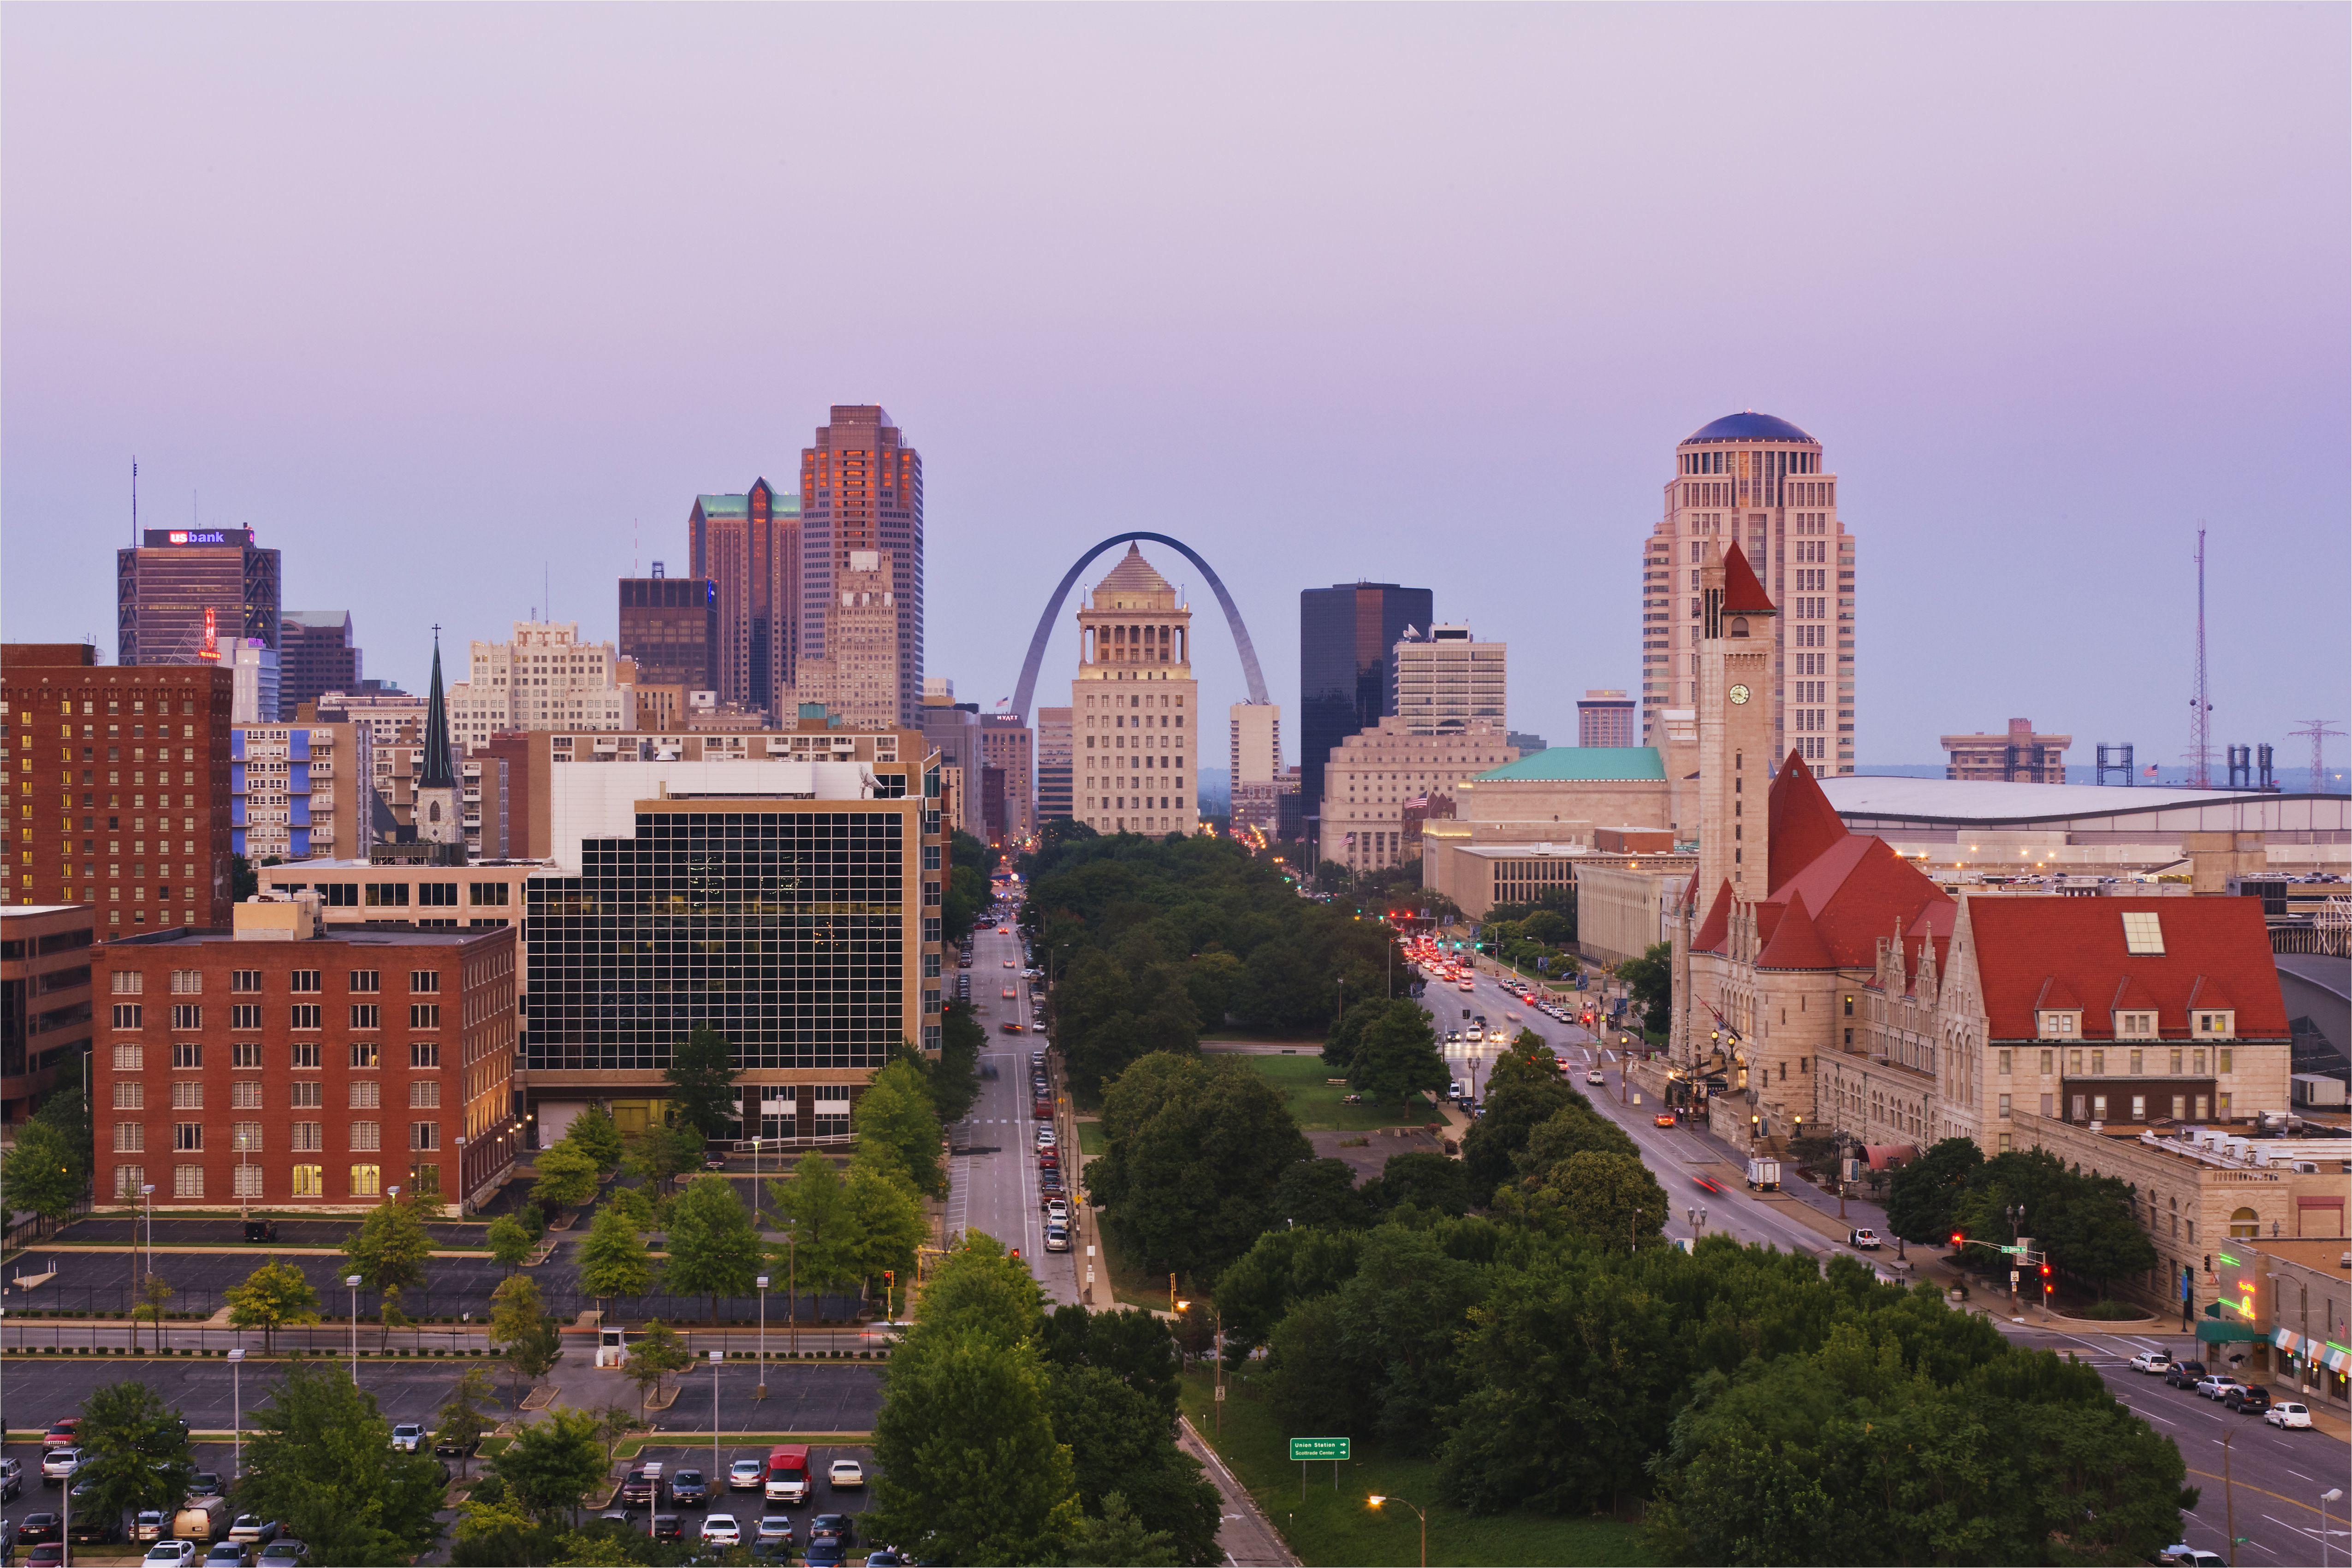 urban cityscape 138710105 5b4bc56a46e0fb00379405e9 jpg